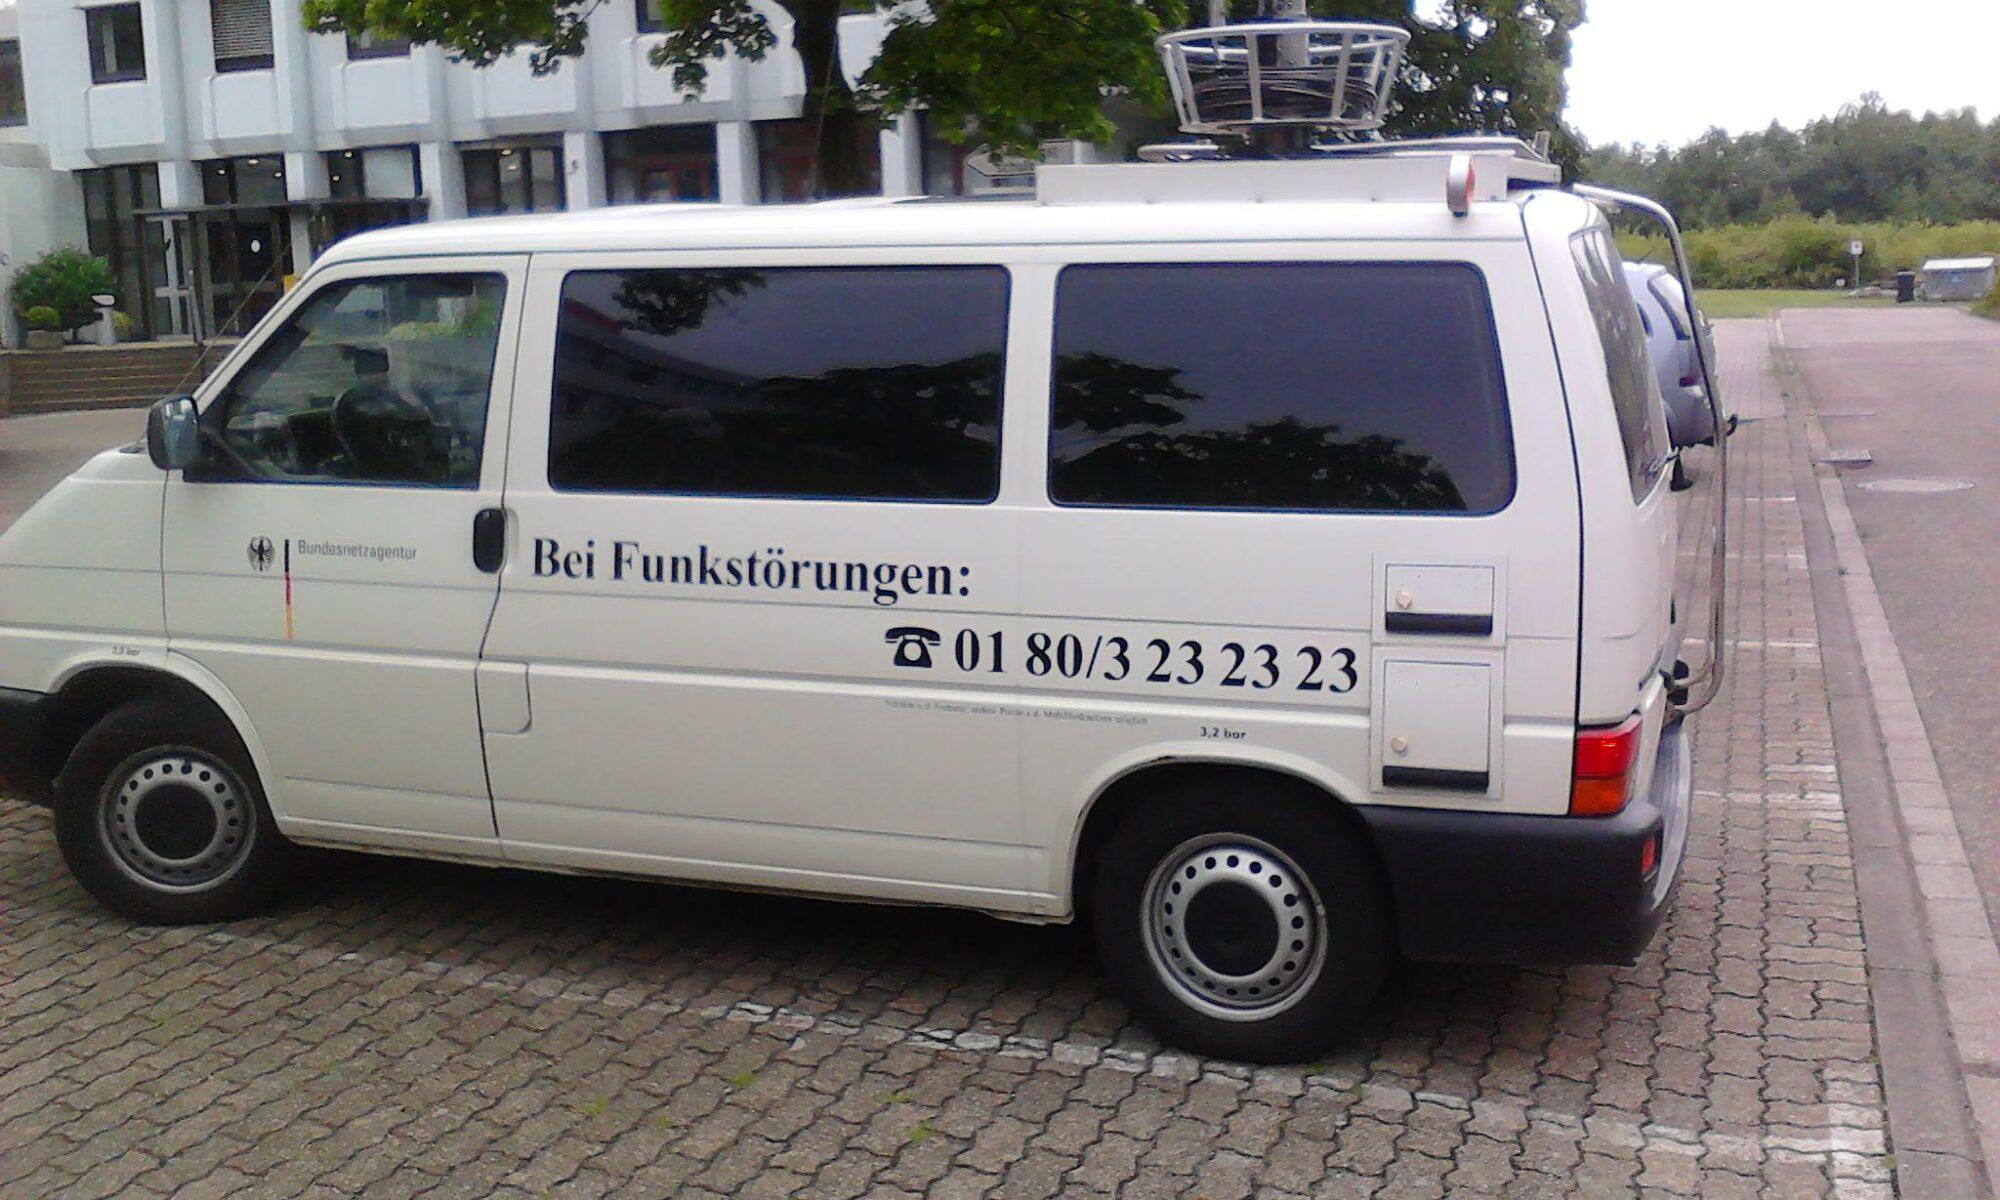 messwagen der Bundesnetzagentur vor der Zivildienstschule Karlsruhe am 9. Juni 2011